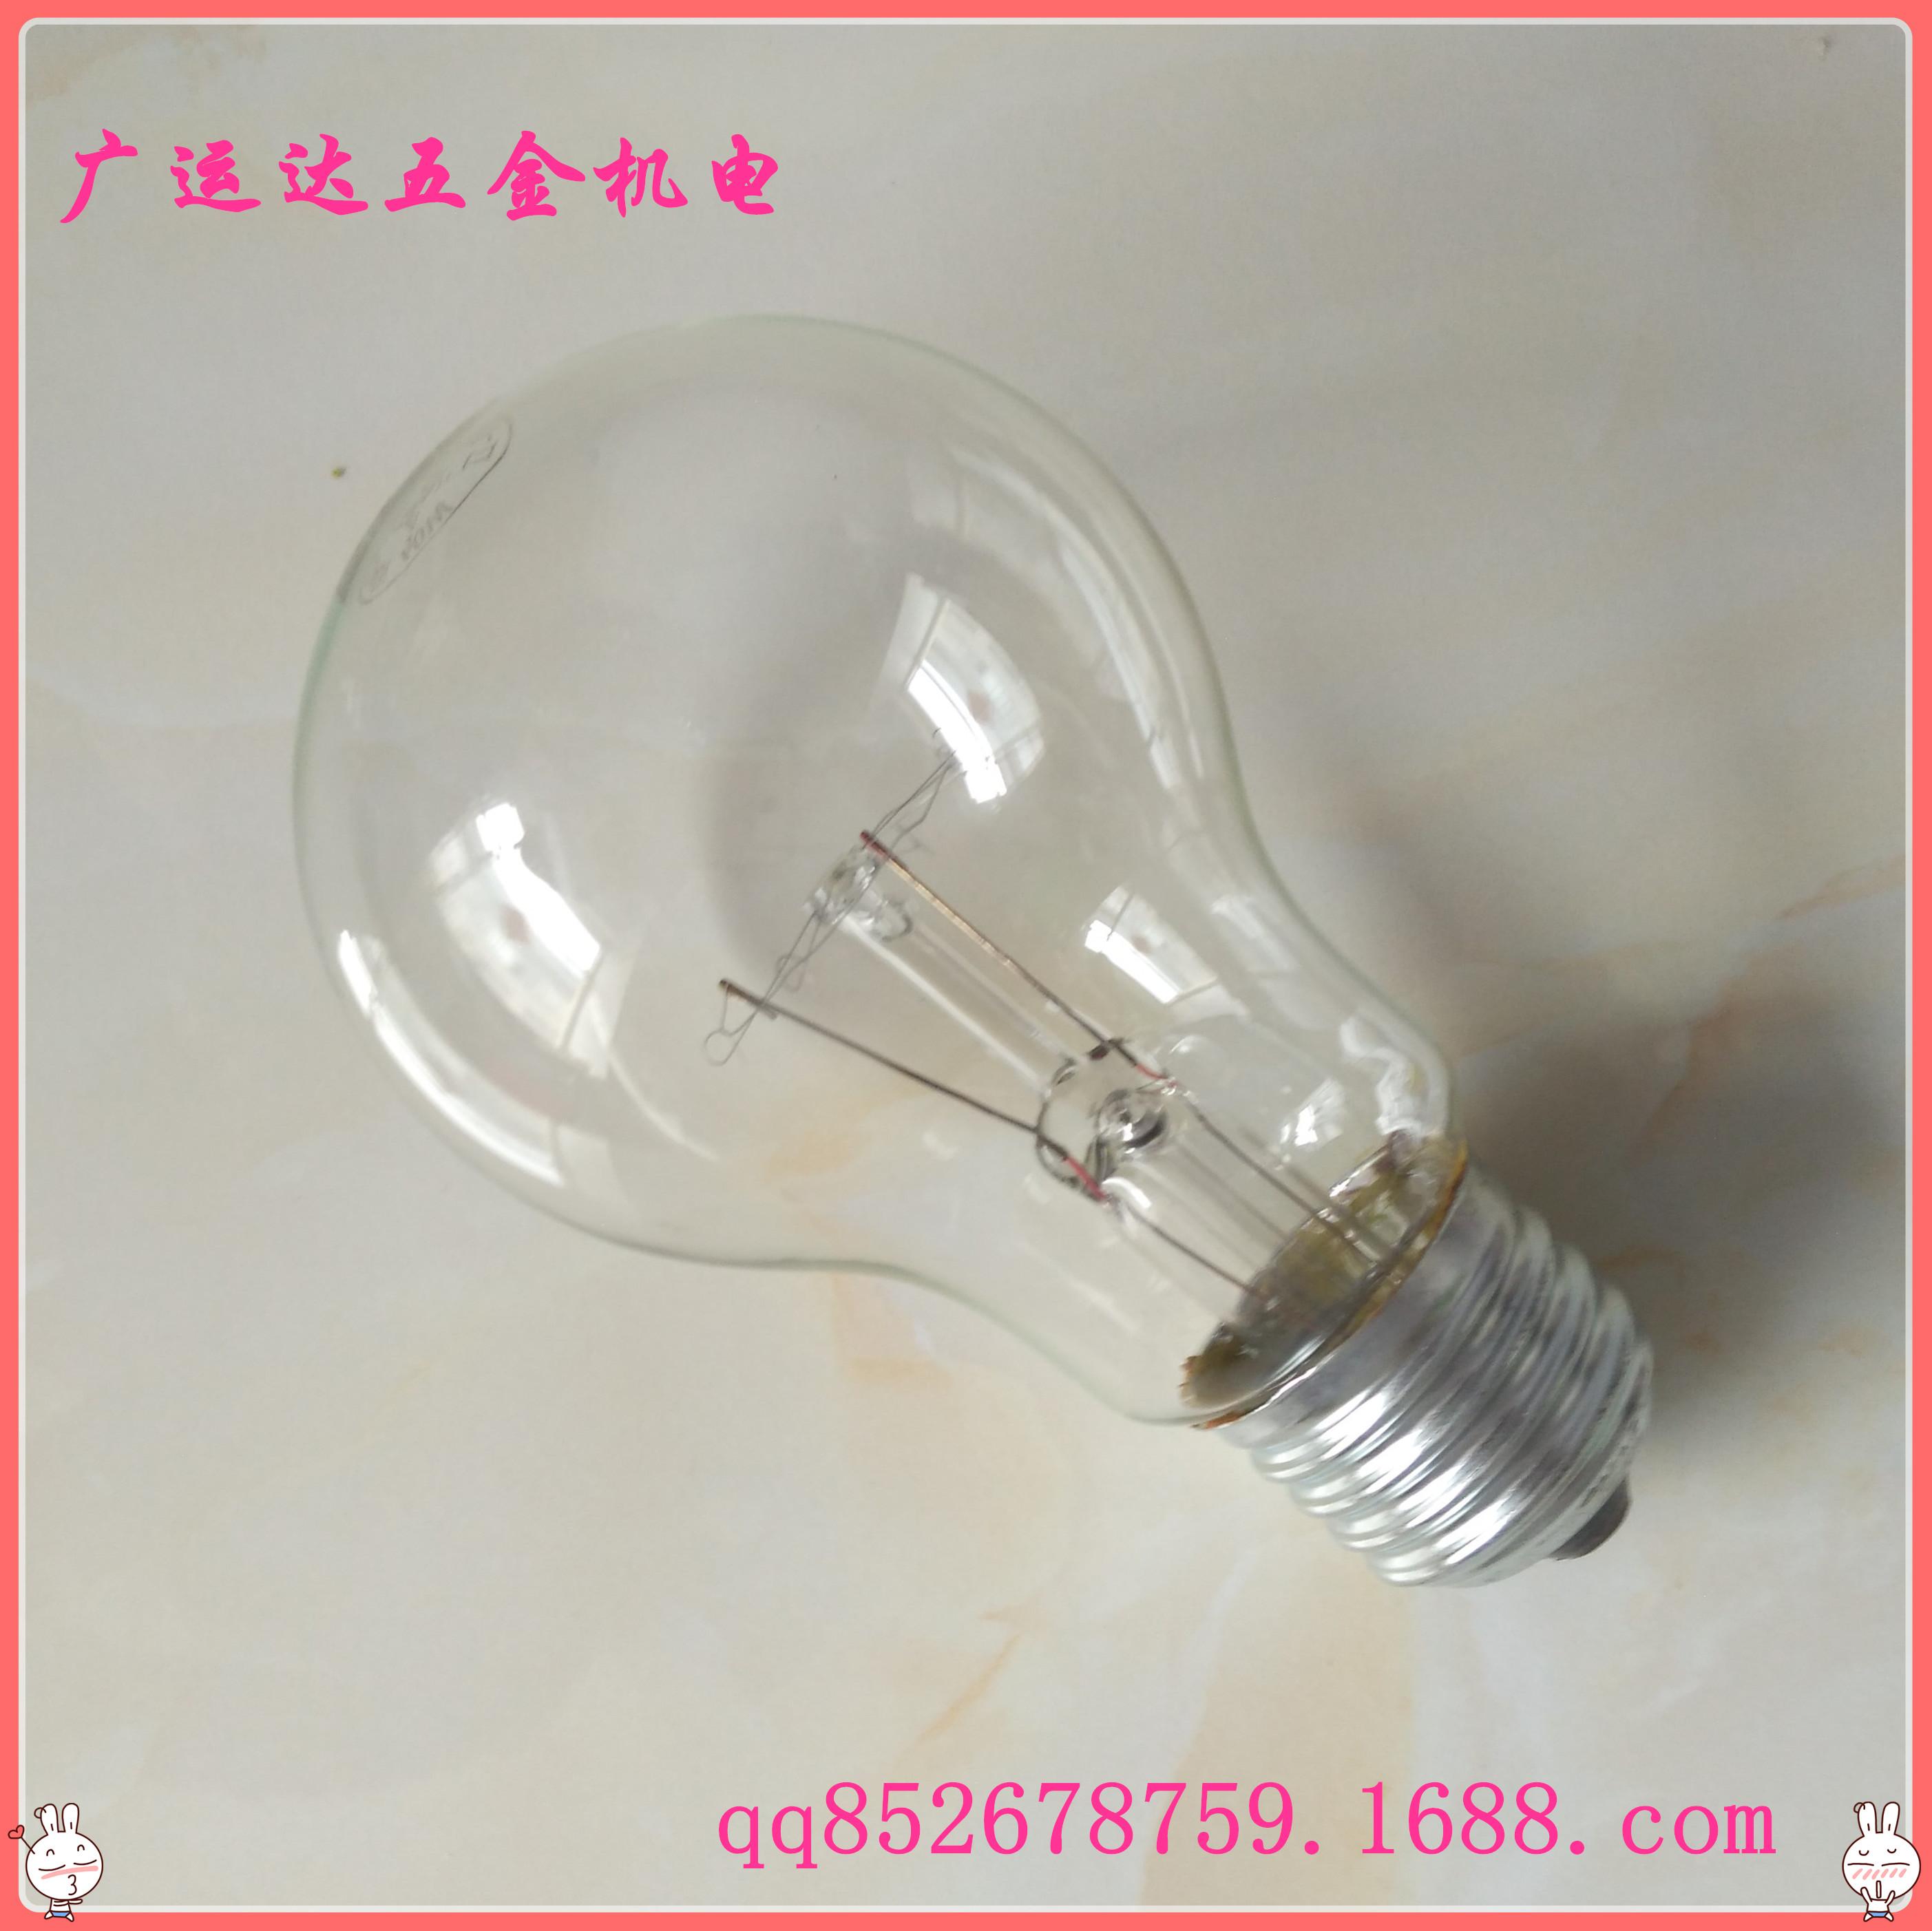 厂家供应220V 20W 爱迪生 钨丝 普通 照明 白炽灯泡 用于建筑工程 物业 单元楼道 照明灯泡